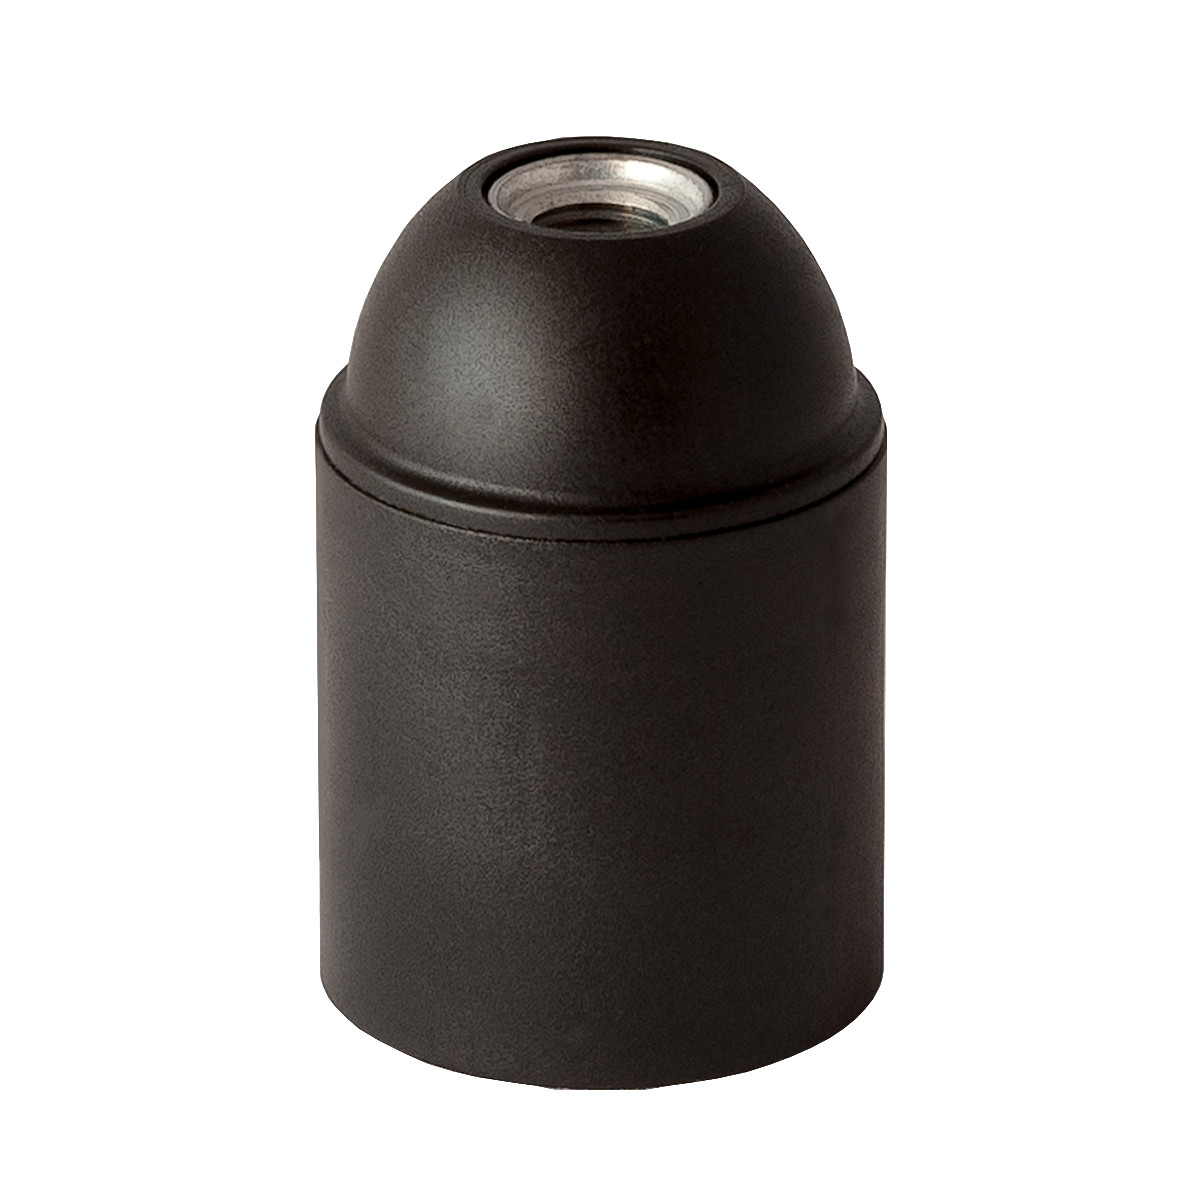 Plastic Lamp Holder E27 Unthreaded Black